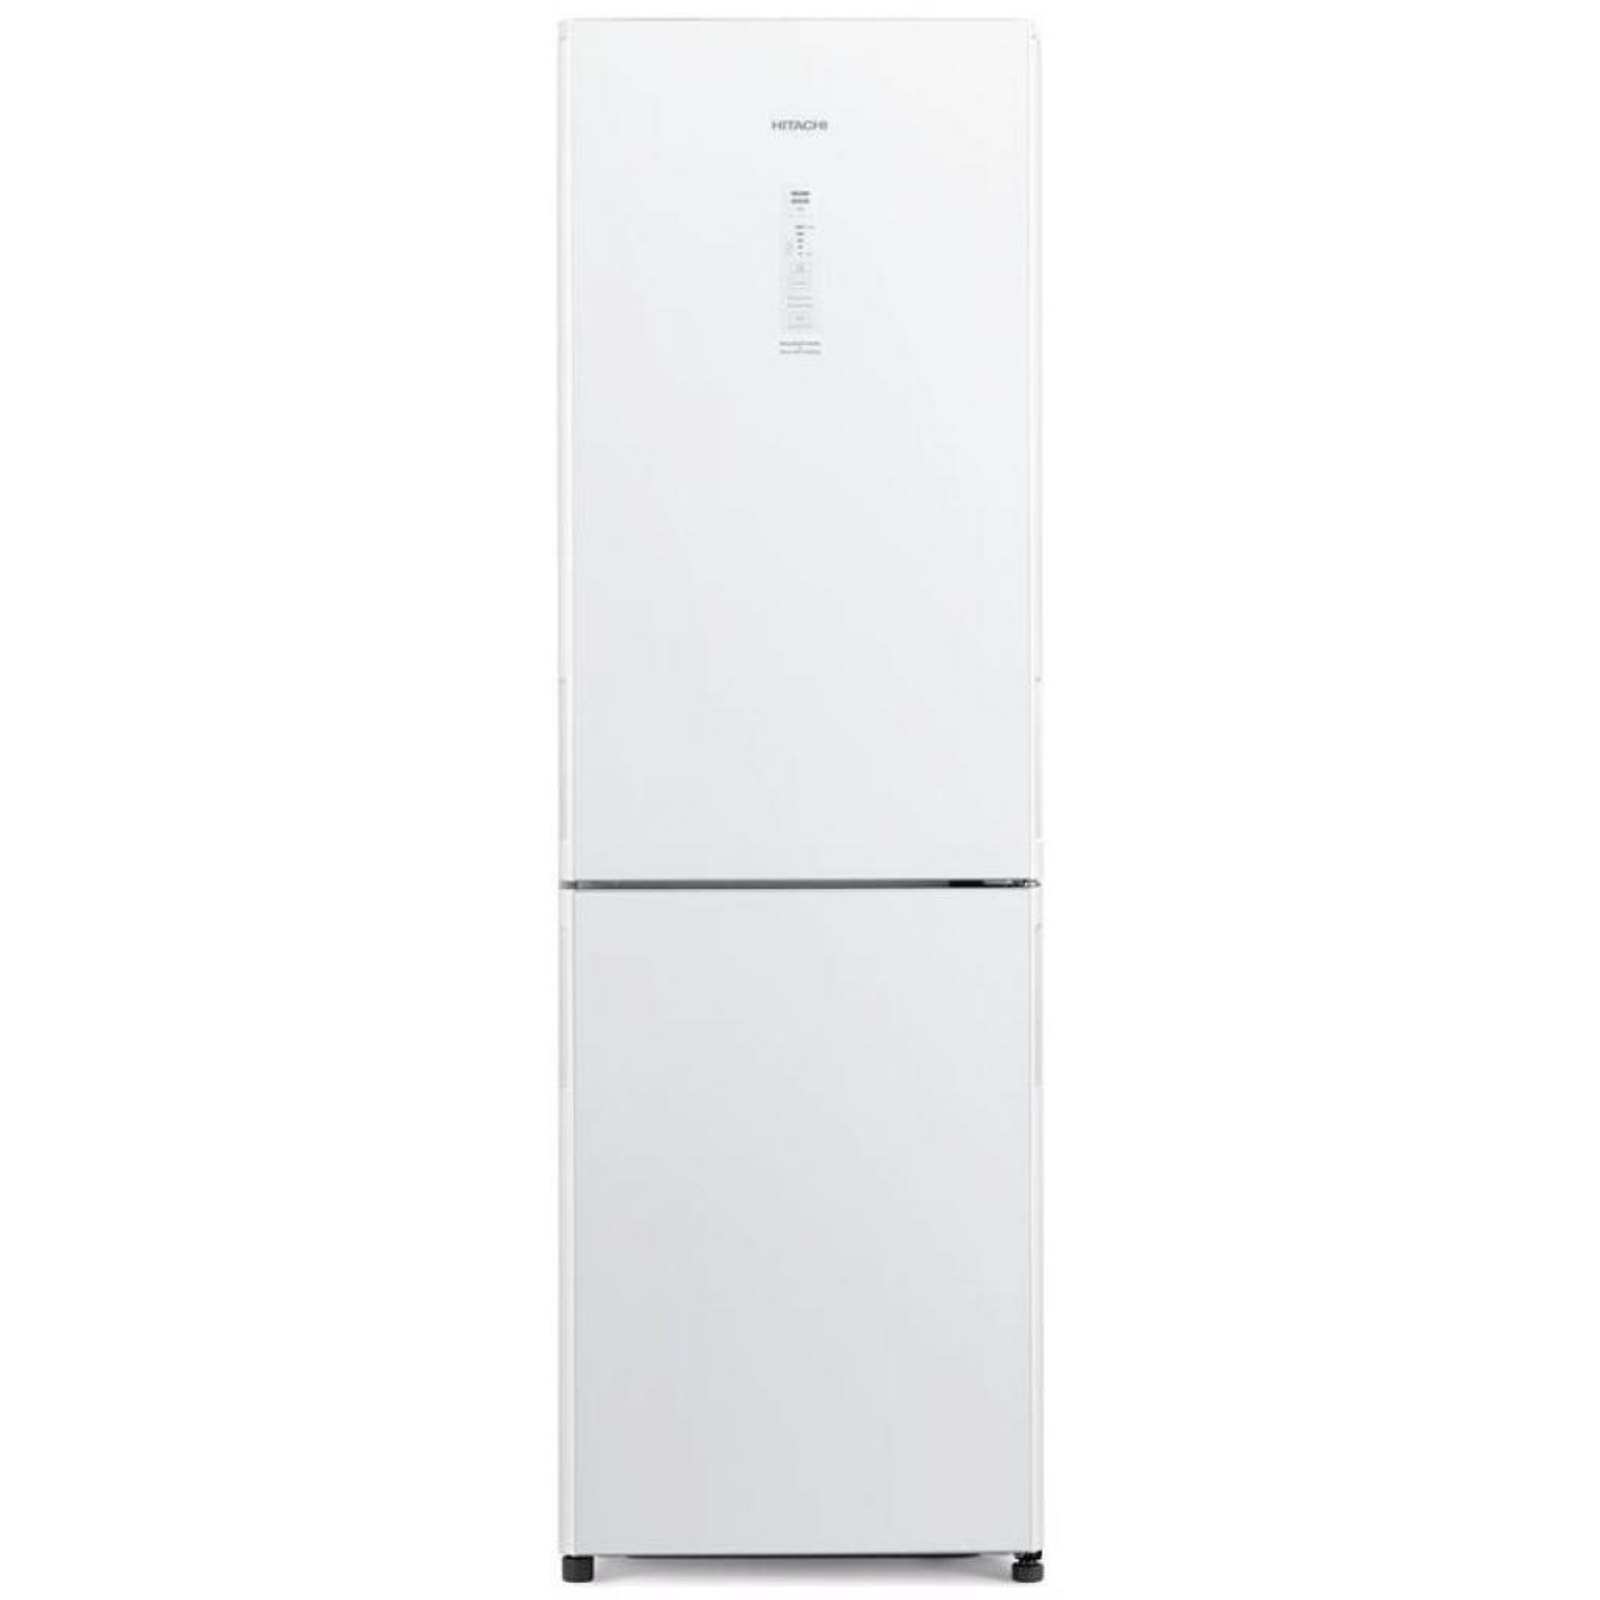 Холодильник Hitachi R-BG410PUC6XGPW изображение 2